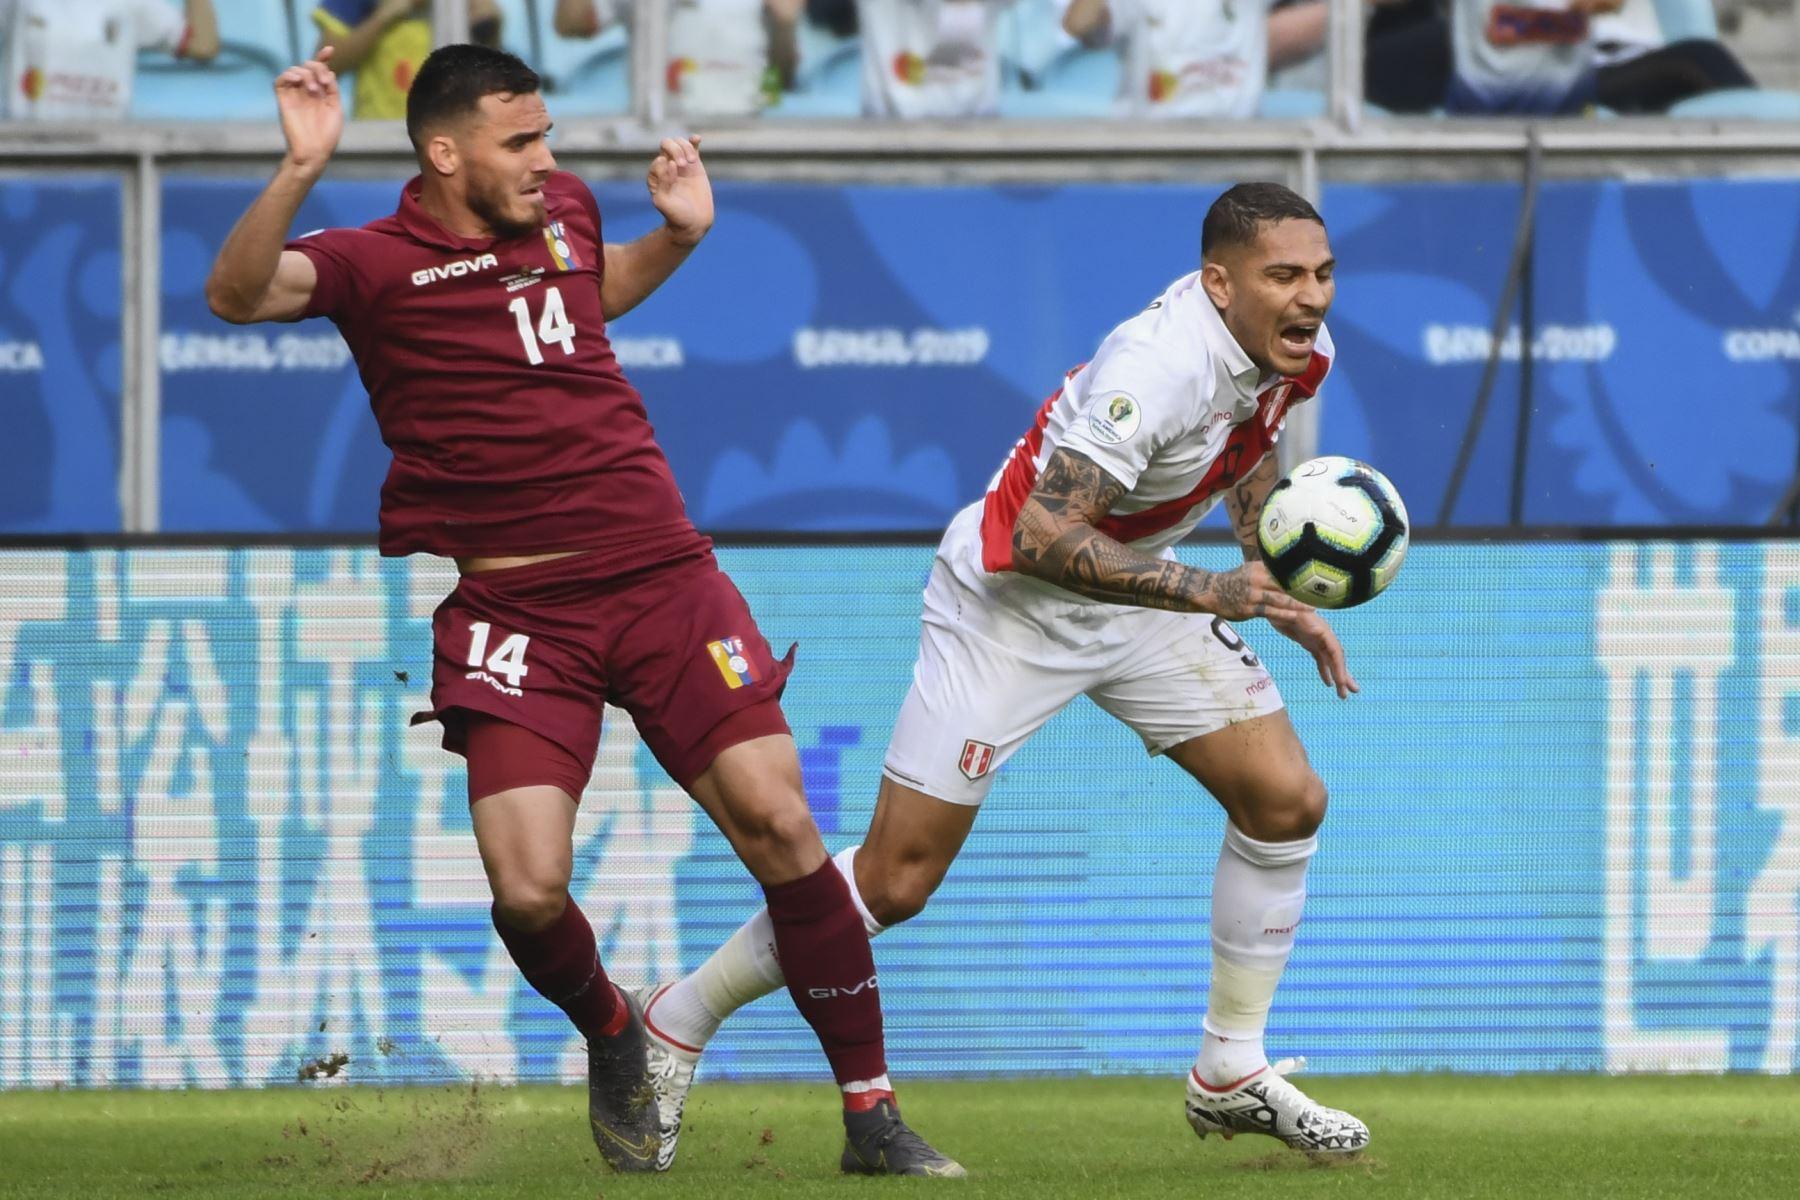 El venezolano Luis Del Pino Mago (L) gesticula al lado de Paolo Guerrero de Perú durante su partido de torneo de fútbol de la Copa América en el Gremio Arena en Porto Alegre, Brasil. Foto:AFP